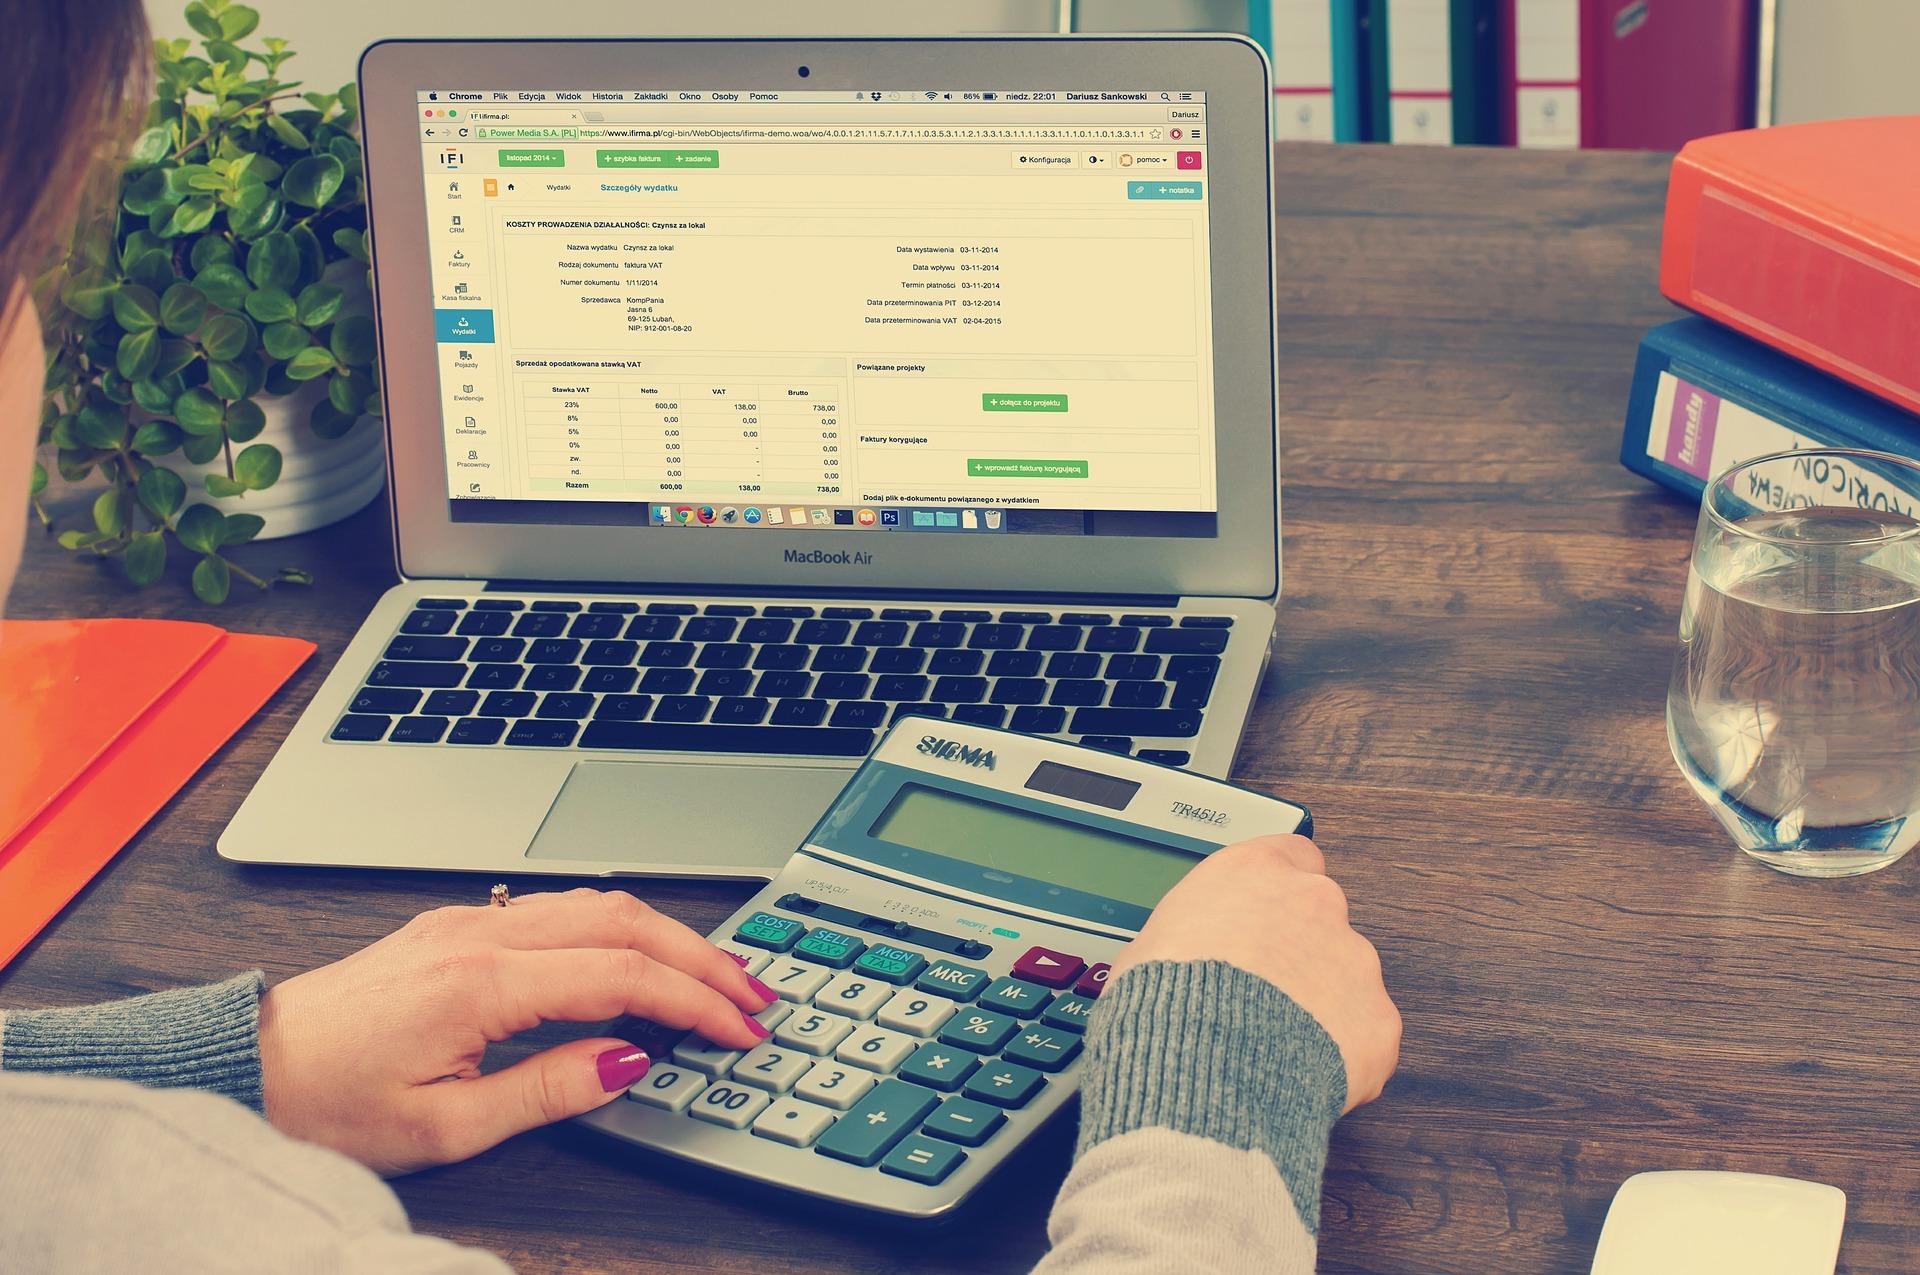 Rozliczyłeś się automatycznie? Sprawdź czy nie musisz zrobić korekty zanim przyjdzie wezwanie do zapłaty podatku!